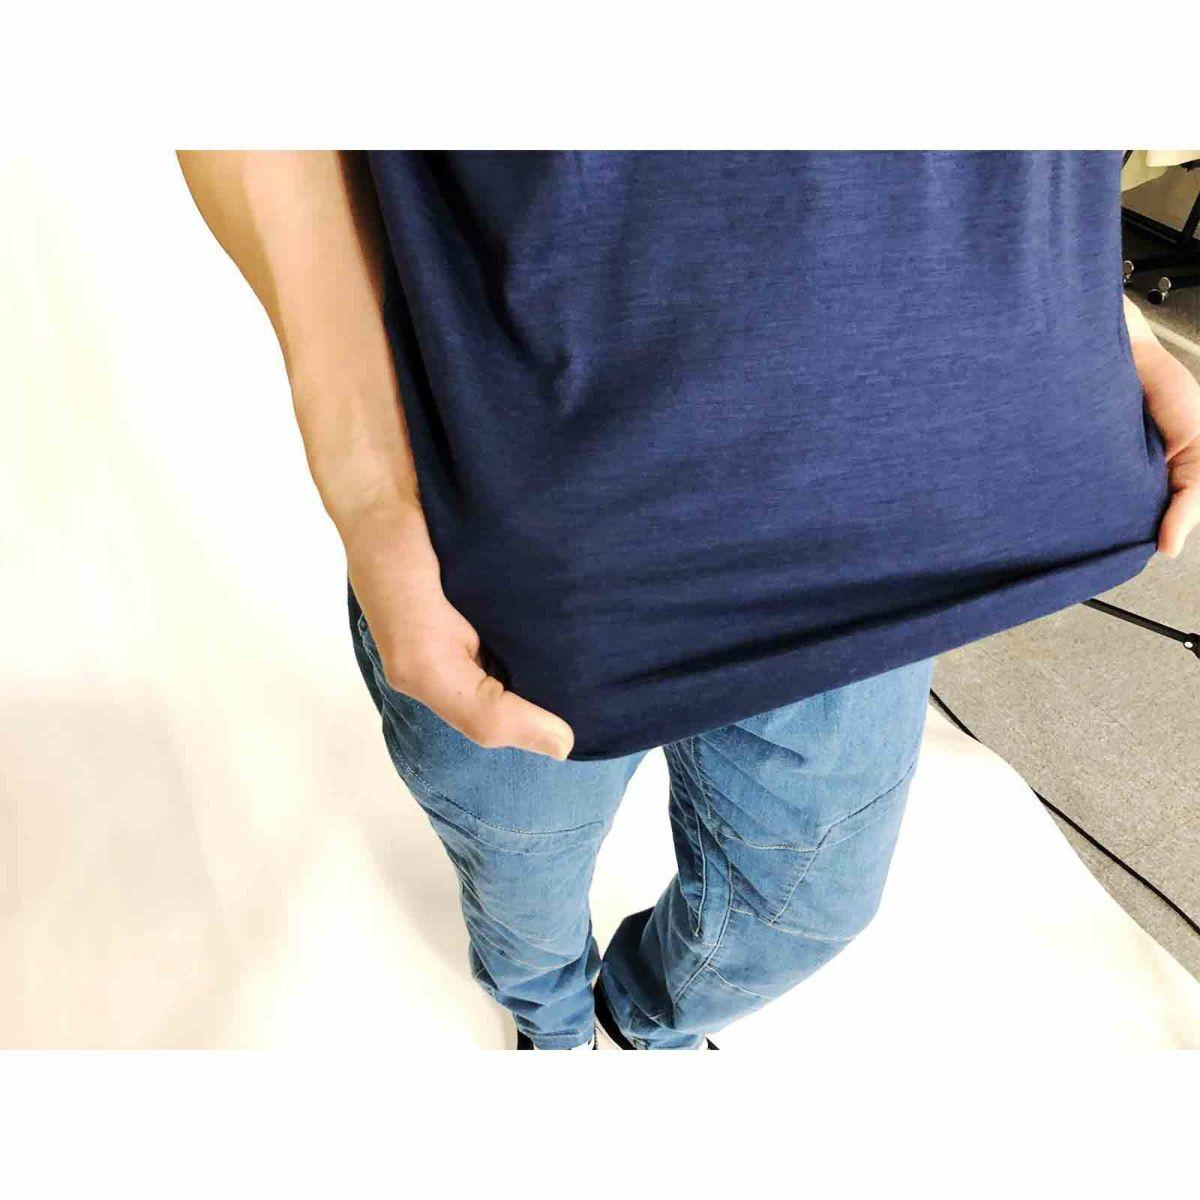 着用イメージ10 [男性モデルのサイズ]身長:168cm 着用サイズ:Lサイズ